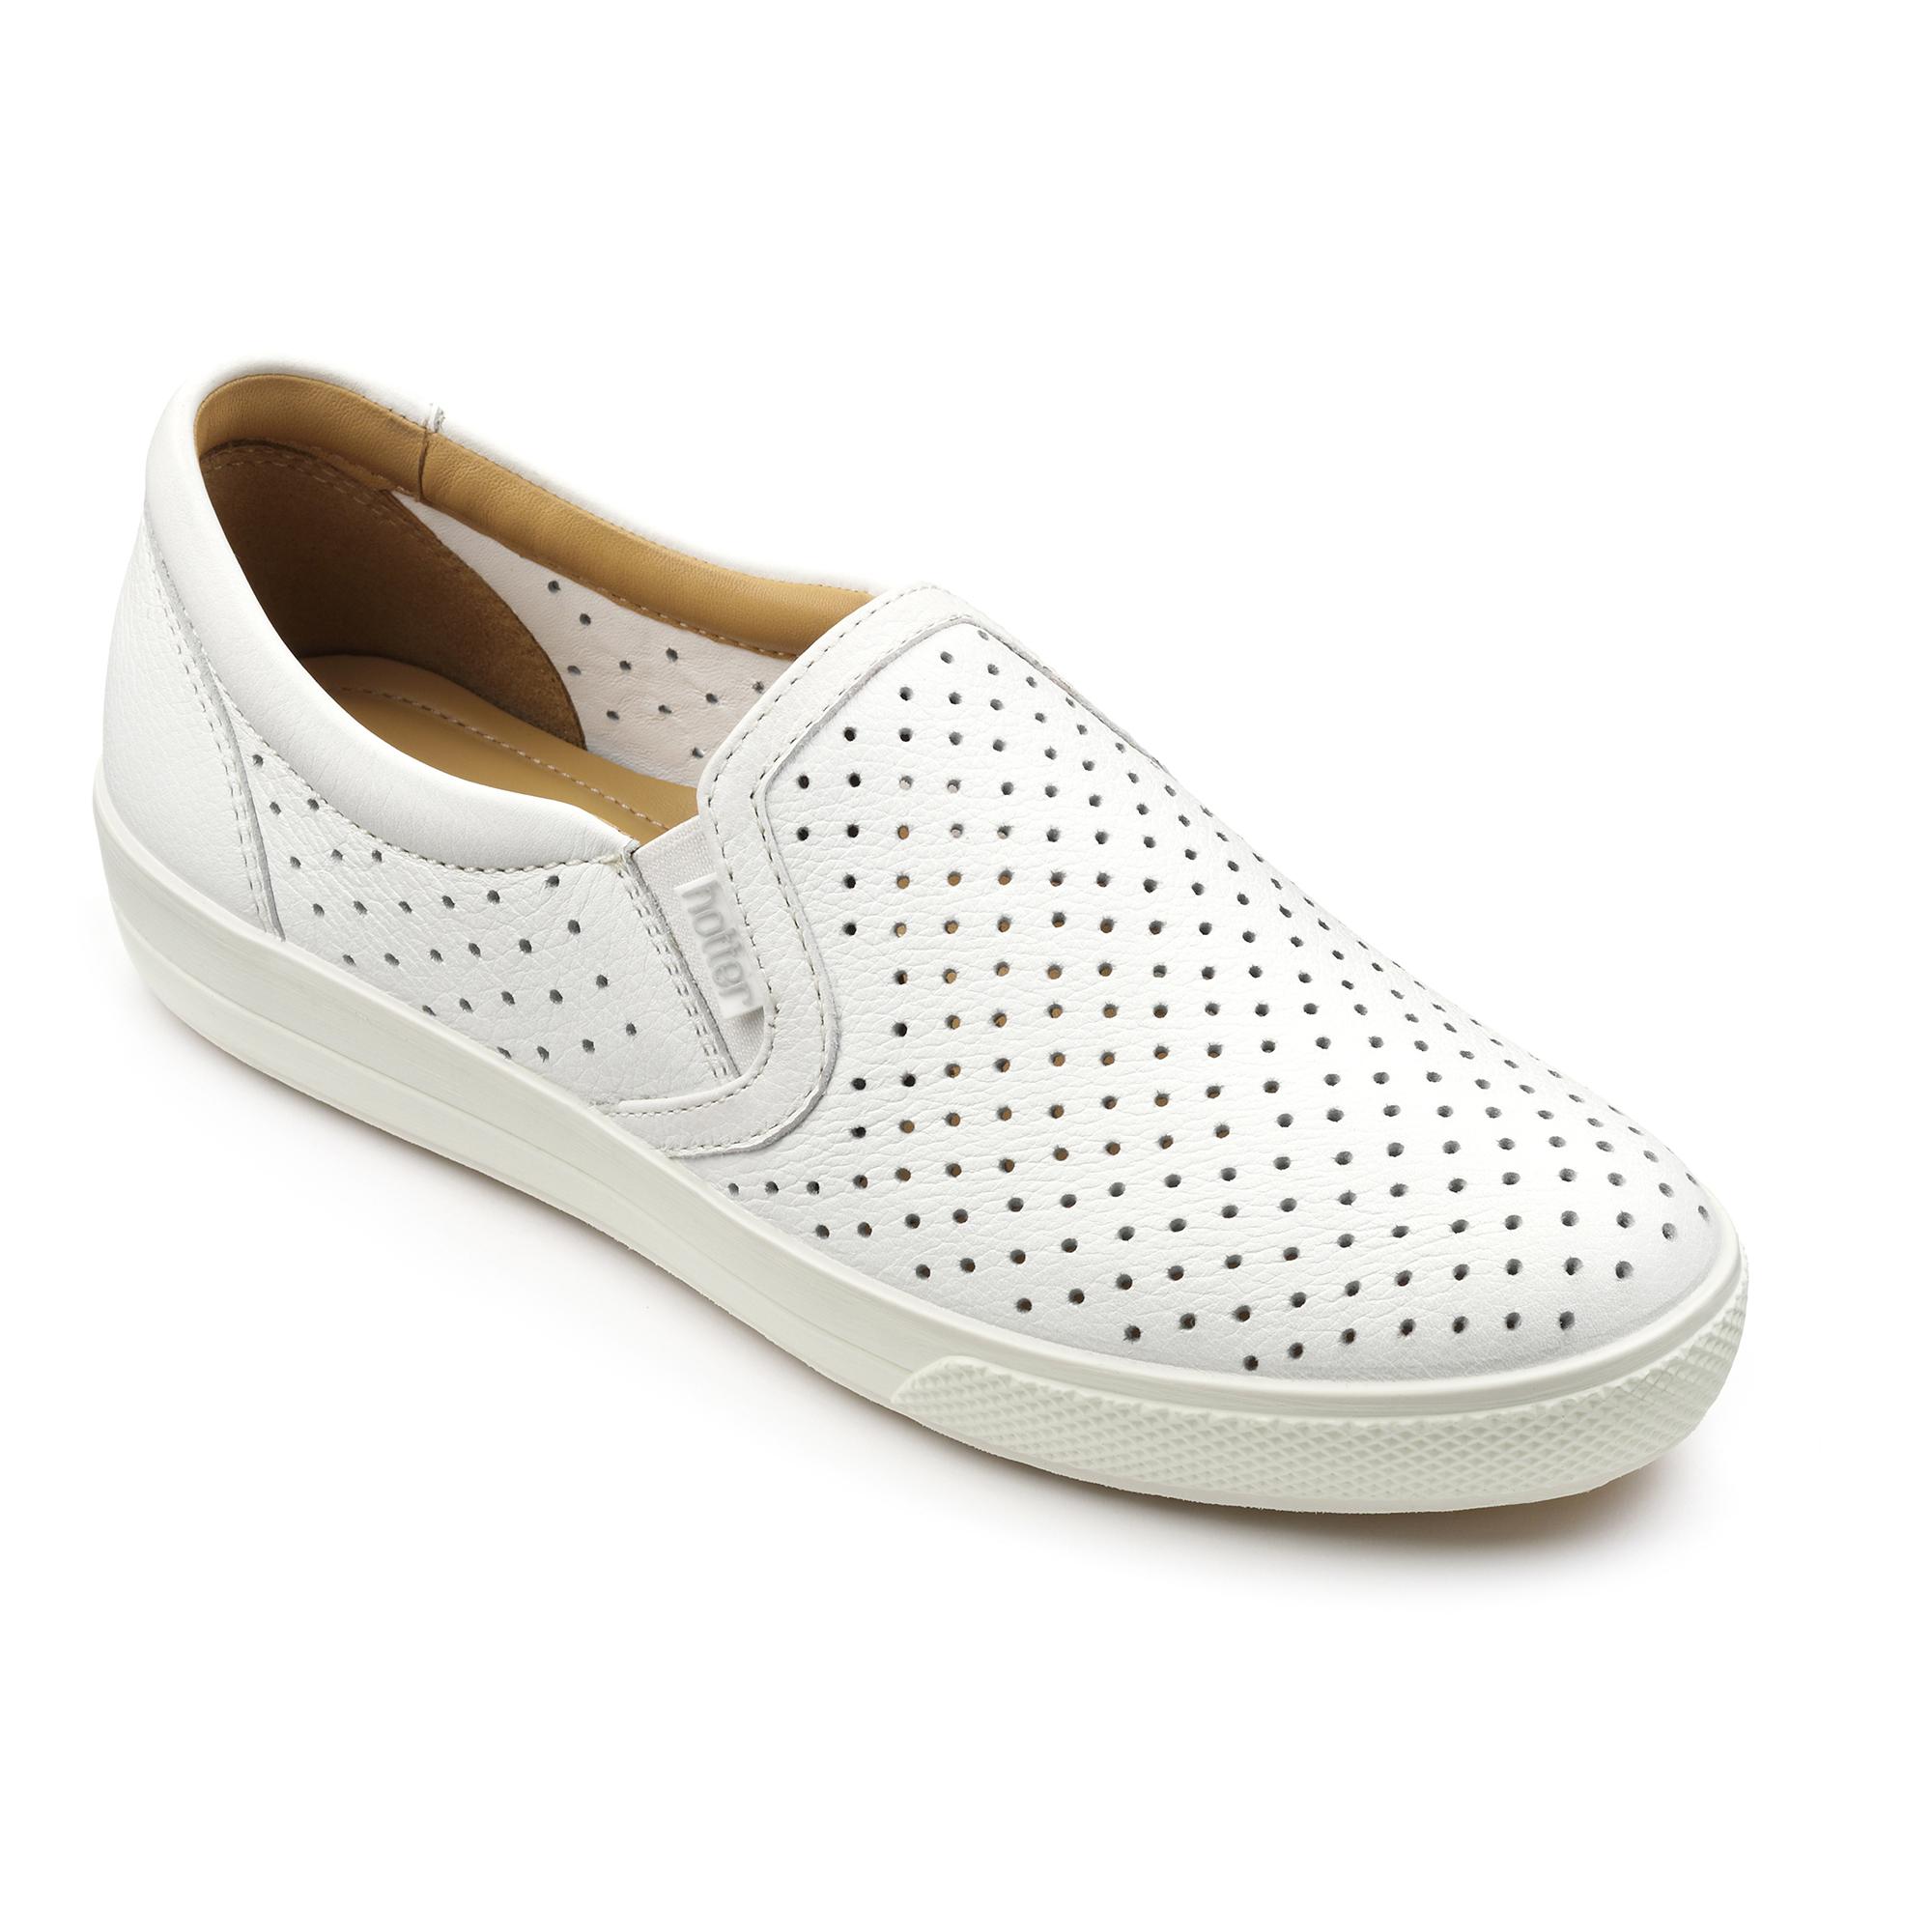 Hotter-Mujer-Daisy-Senora-Casual-Ponerse-Zapatos-Calzado-Zapatillas-Cuero-Textil